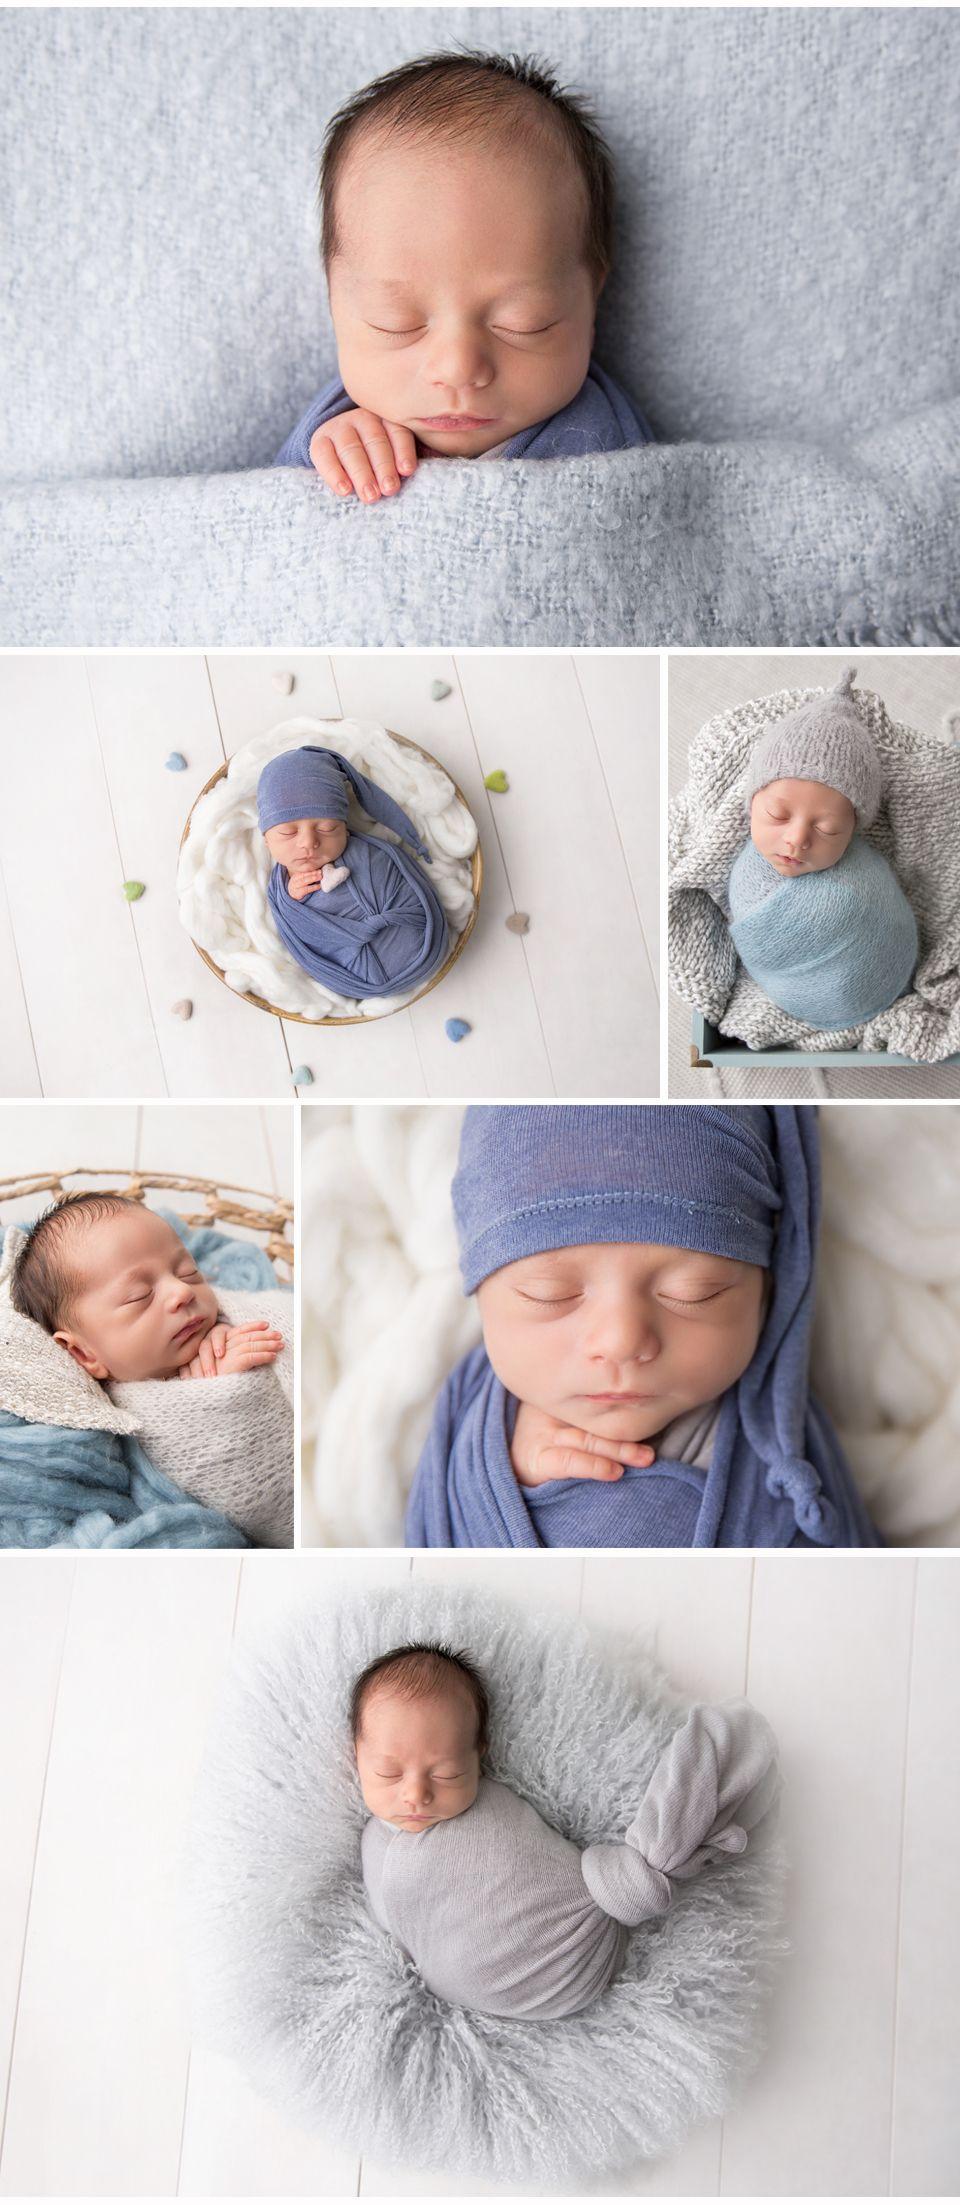 Newborn Boy Photo Ideas : newborn, photo, ideas, Newborn, Photographer., Photography, Studio., Posing, Ideas., Amanda, Haddow…, Photography,, Sleep,